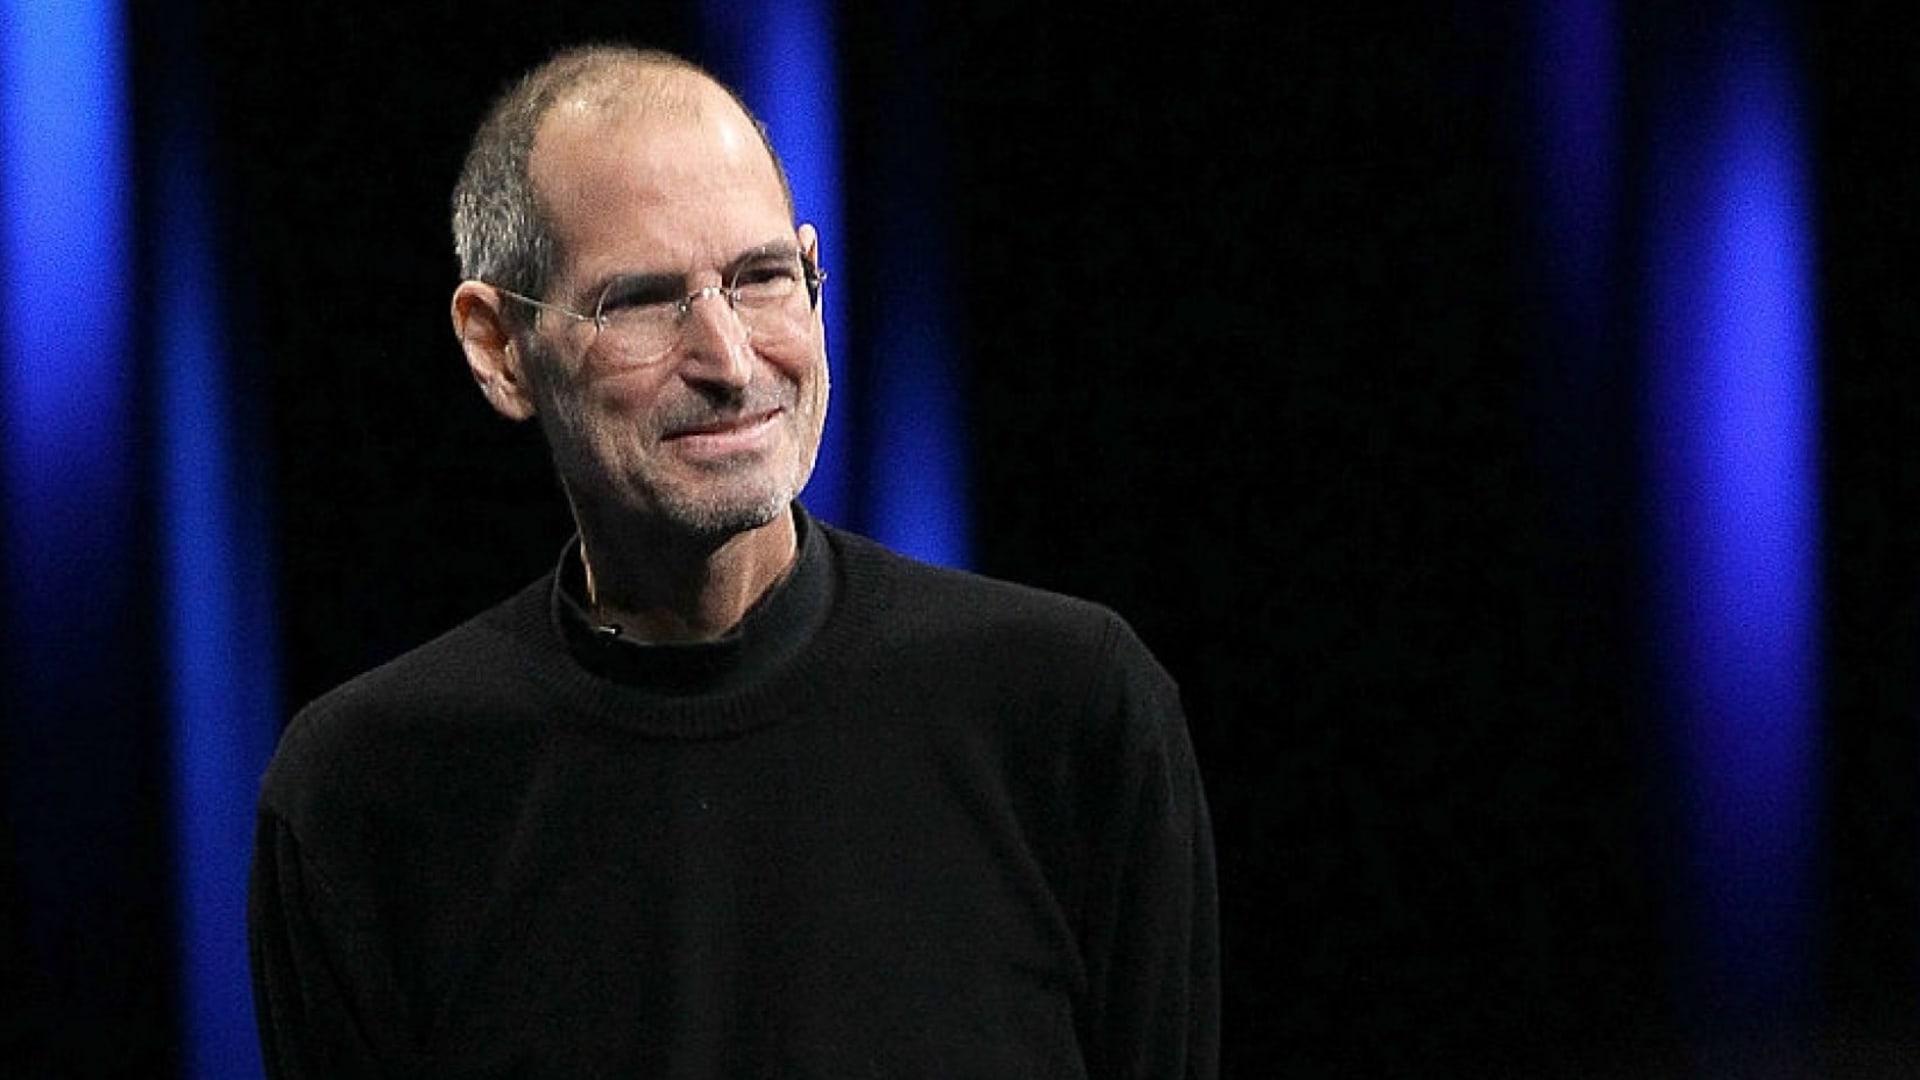 Apple co-founder Steve Jobs.